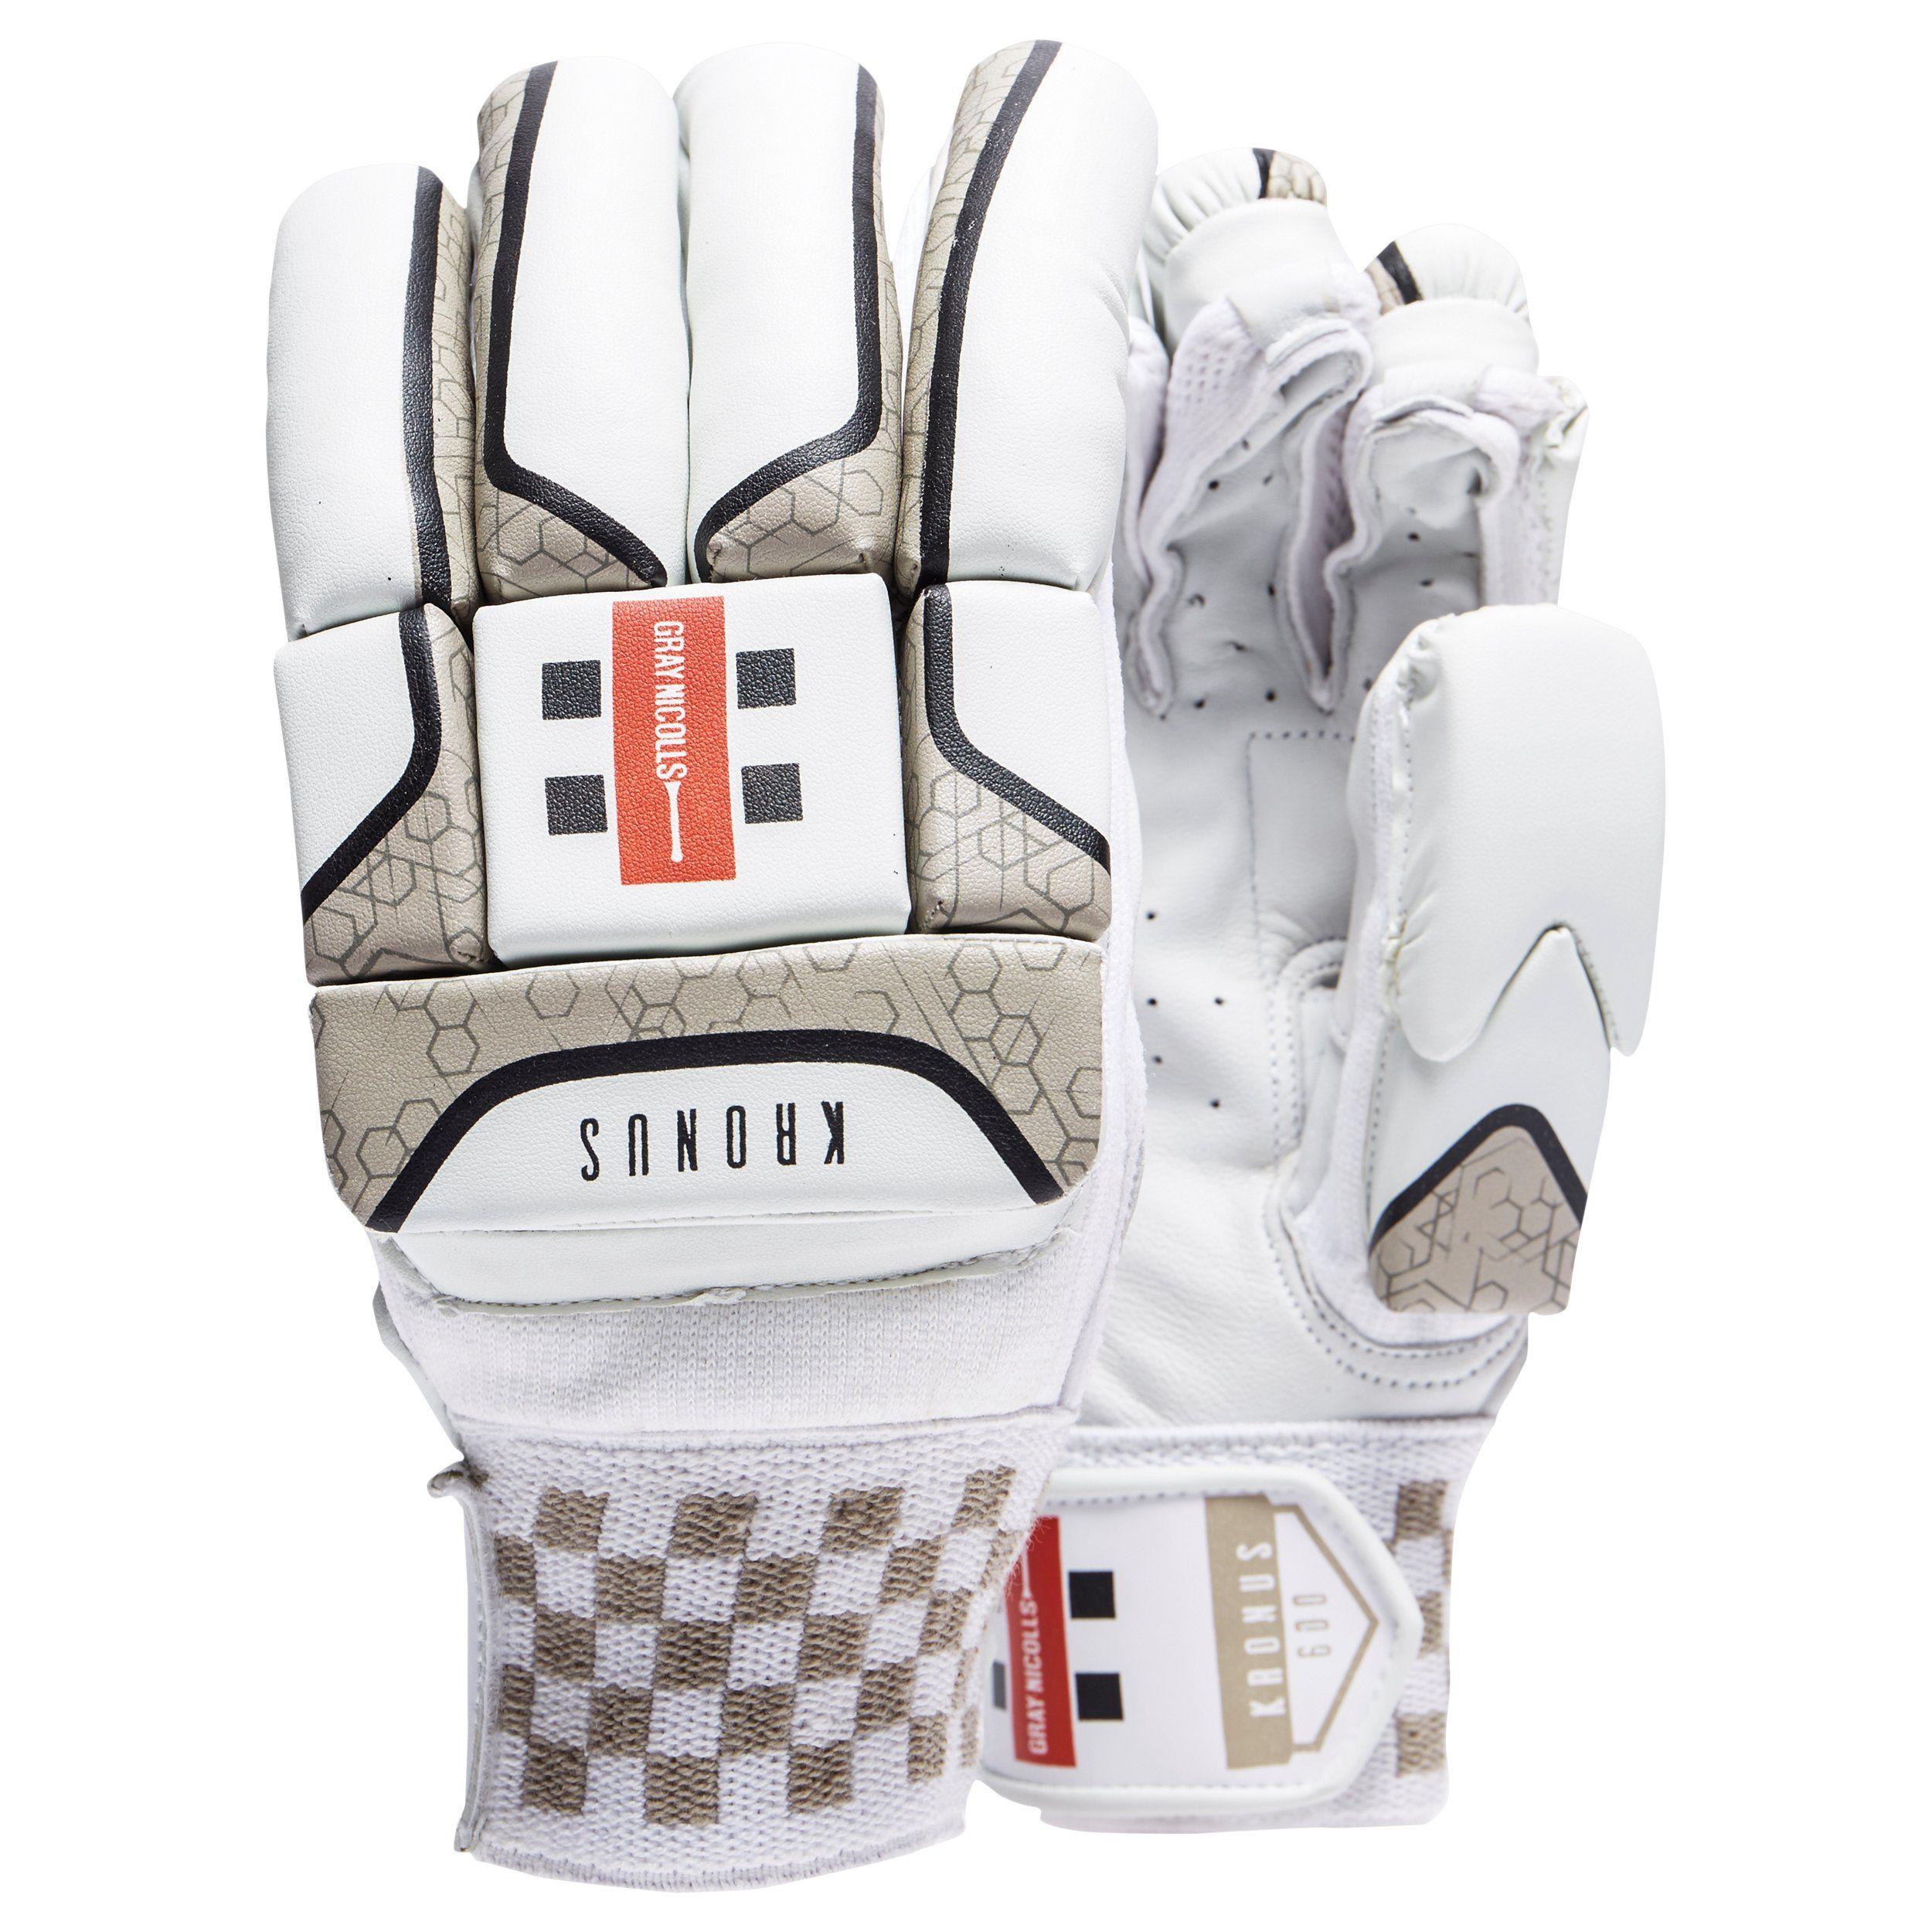 Gray-Nicolls Kronus 600 Junior Cricket Gloves